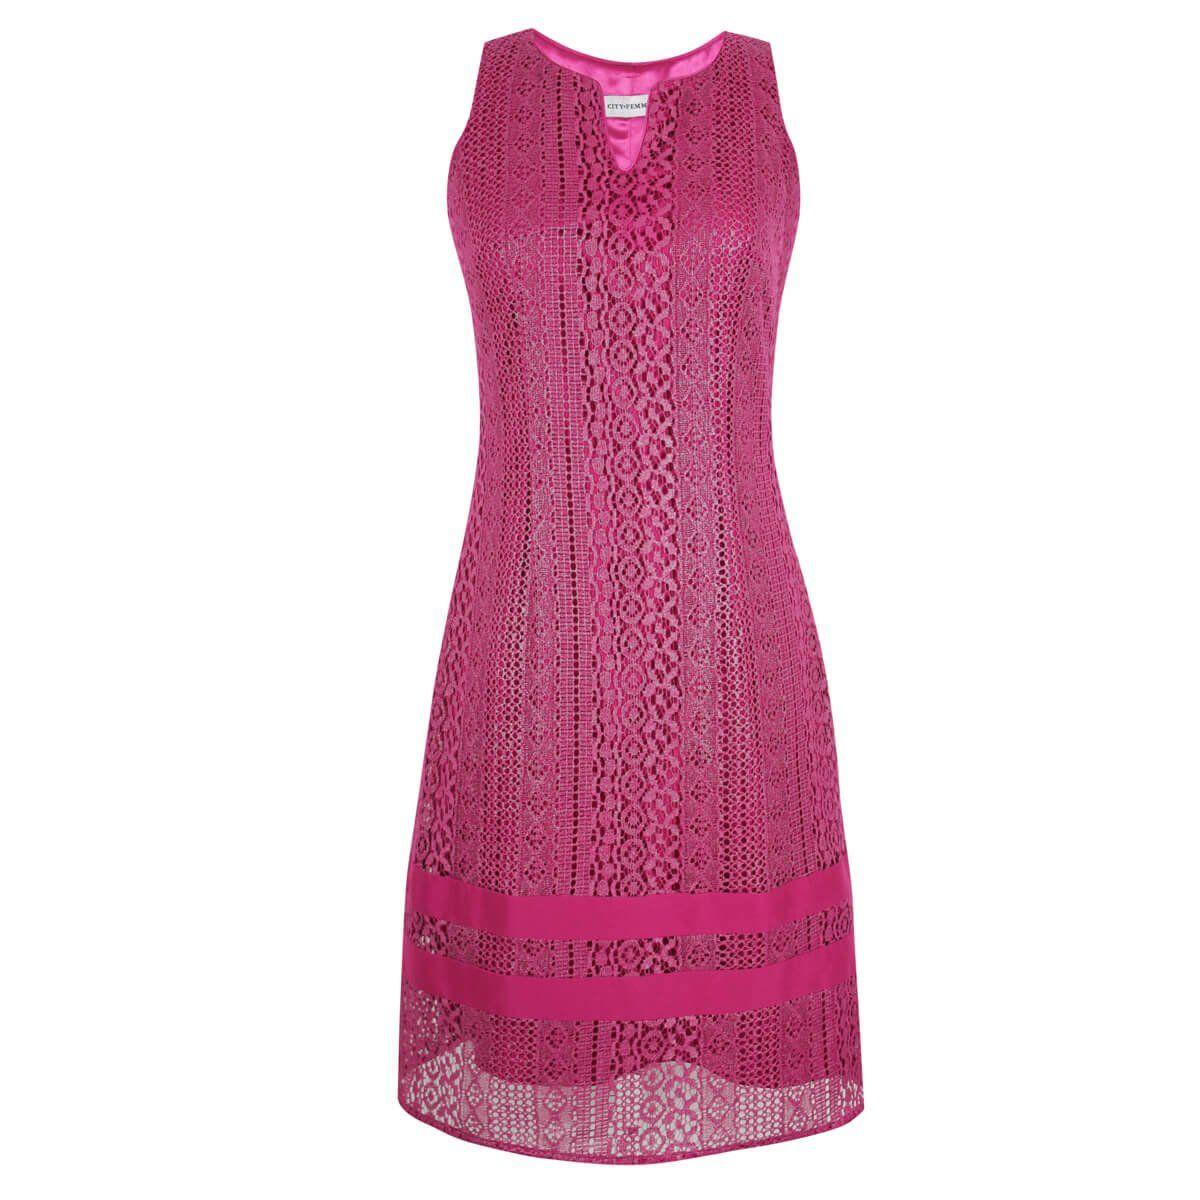 Fantástico Vestidos De Dama De Sears Cresta - Ideas de Vestido para ...